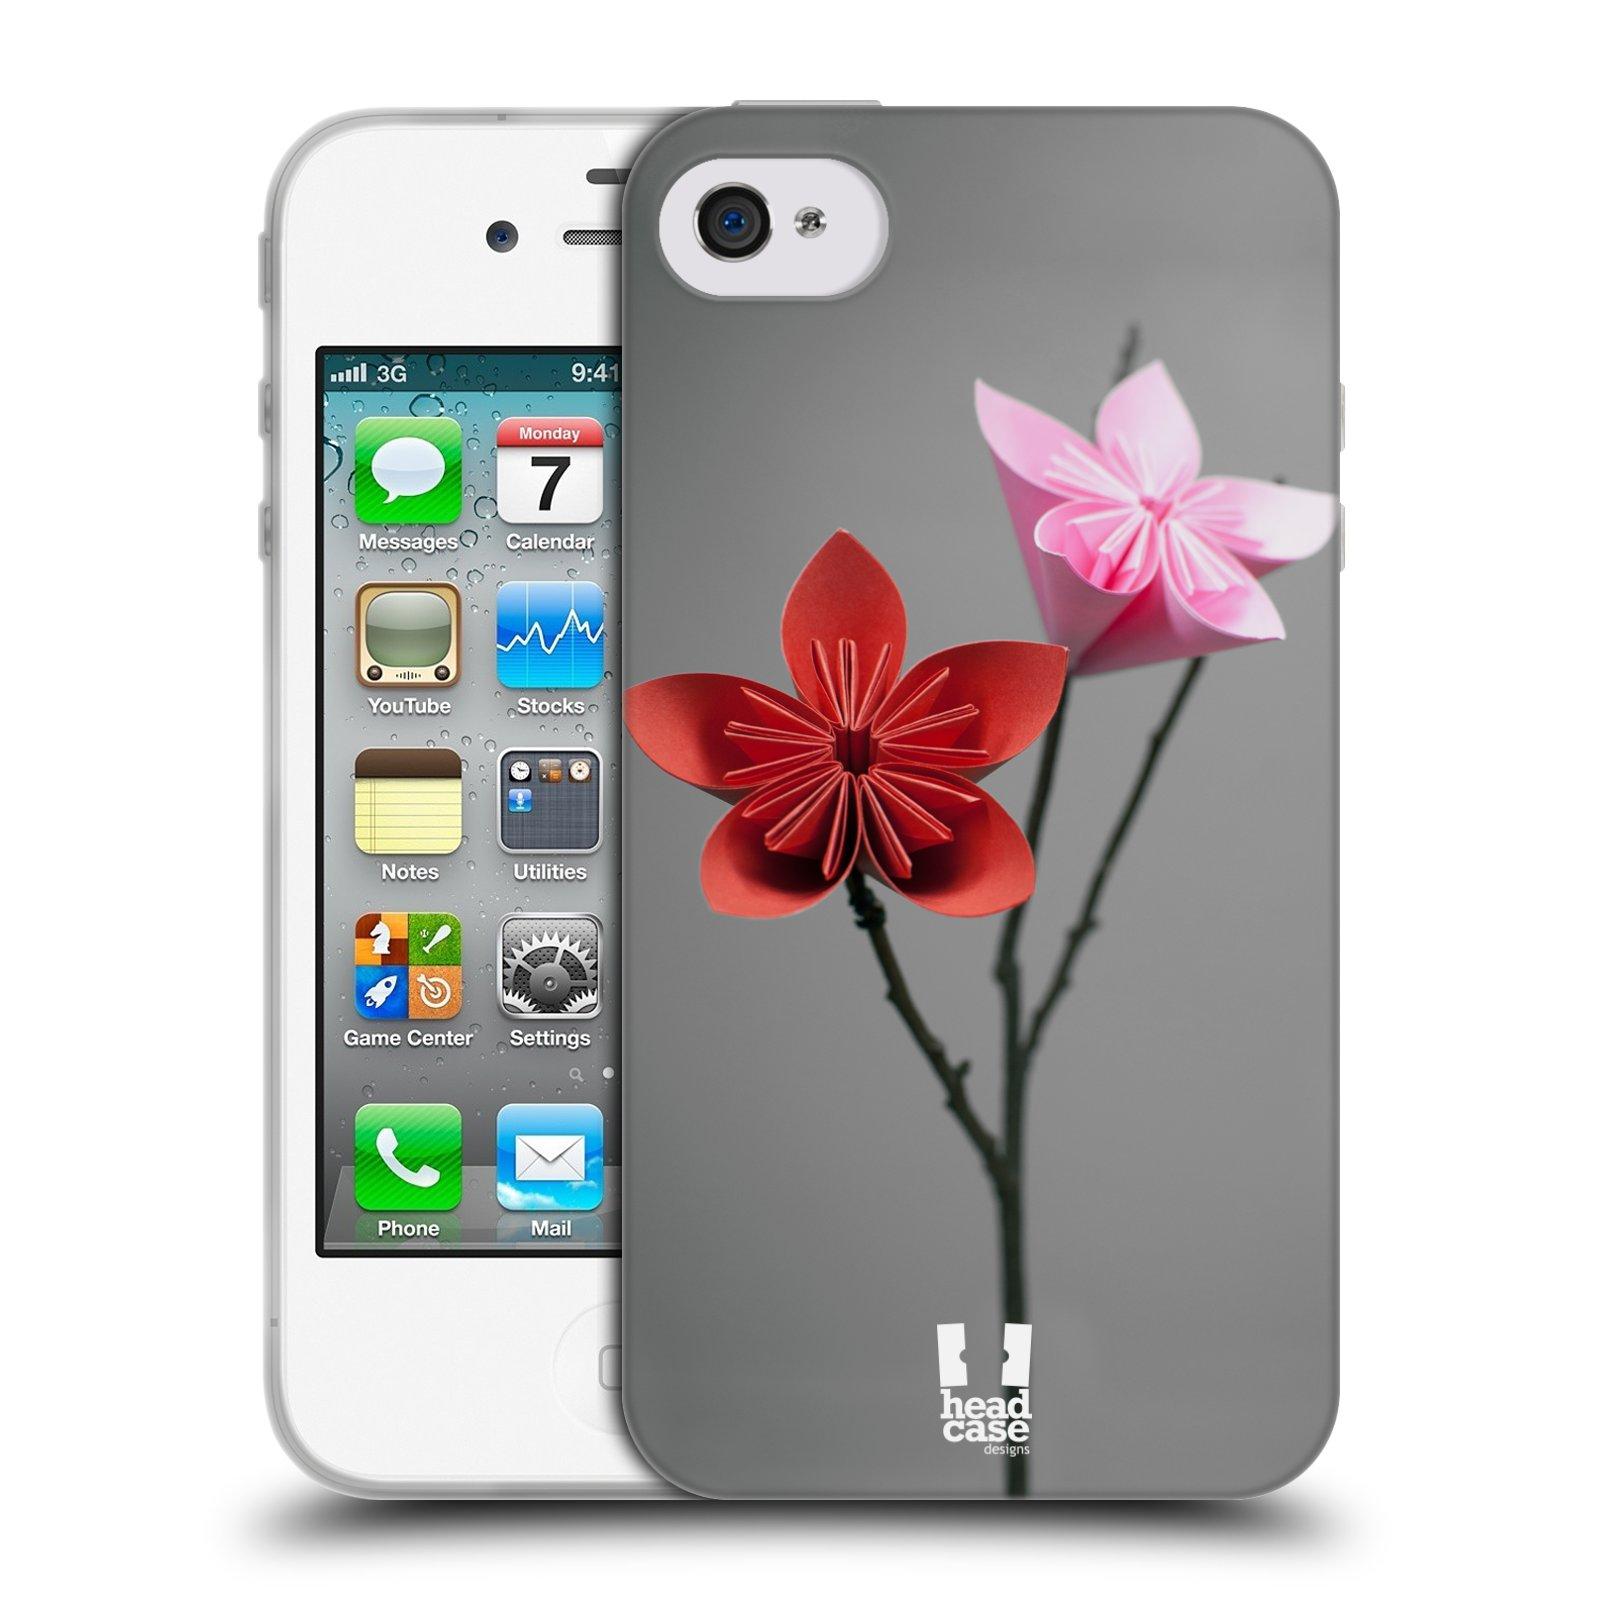 Silikonové pouzdro na mobil Apple iPhone 4 a 4S HEAD CASE KUSUDAMA (Silikonový kryt či obal na mobilní telefon Apple iPhone 4 a 4S)